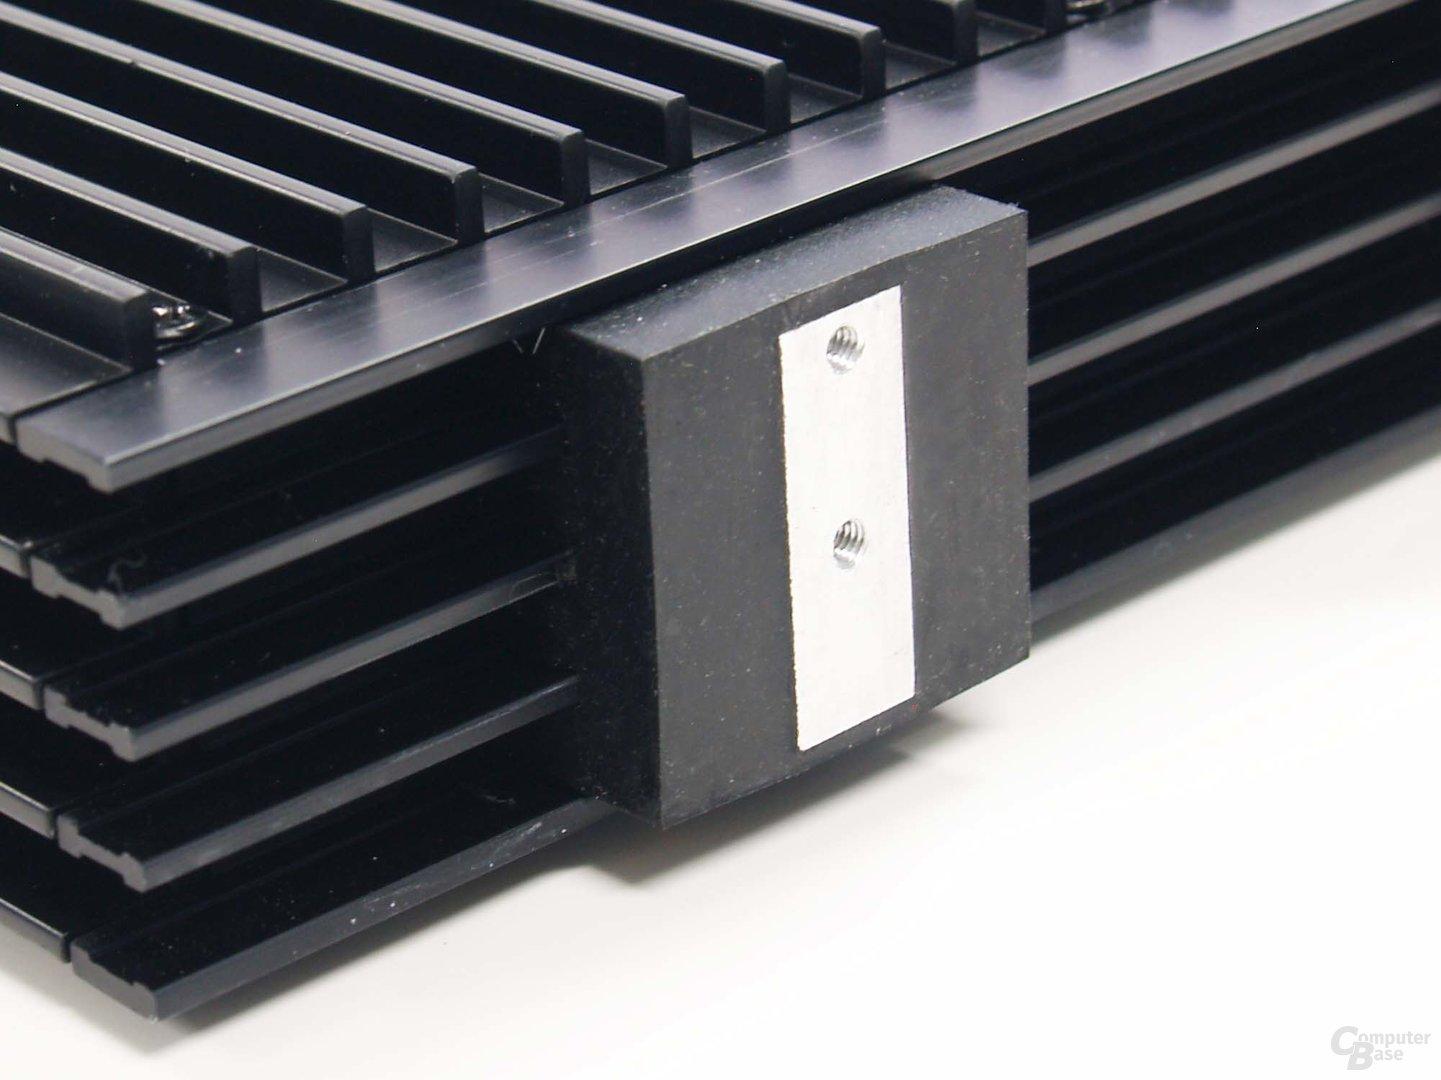 Scythe Himuro Festplattenkühler